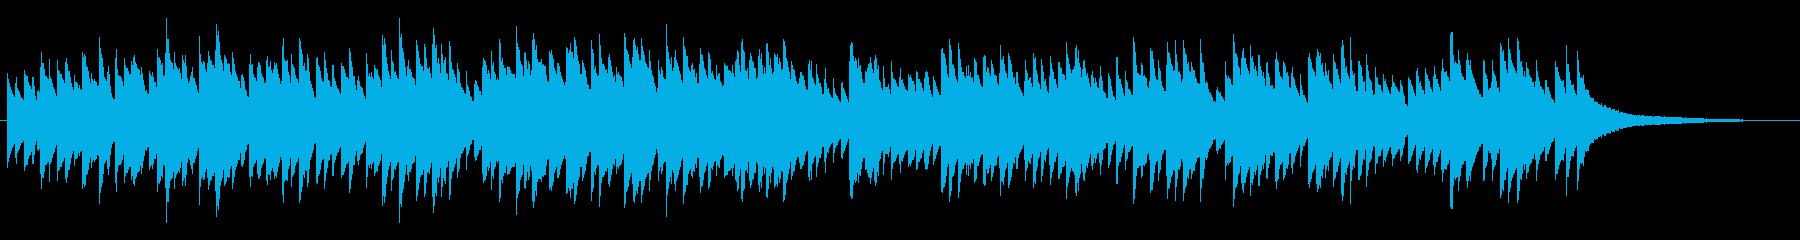 バッハ フランス組曲 第3番 オルゴールの再生済みの波形